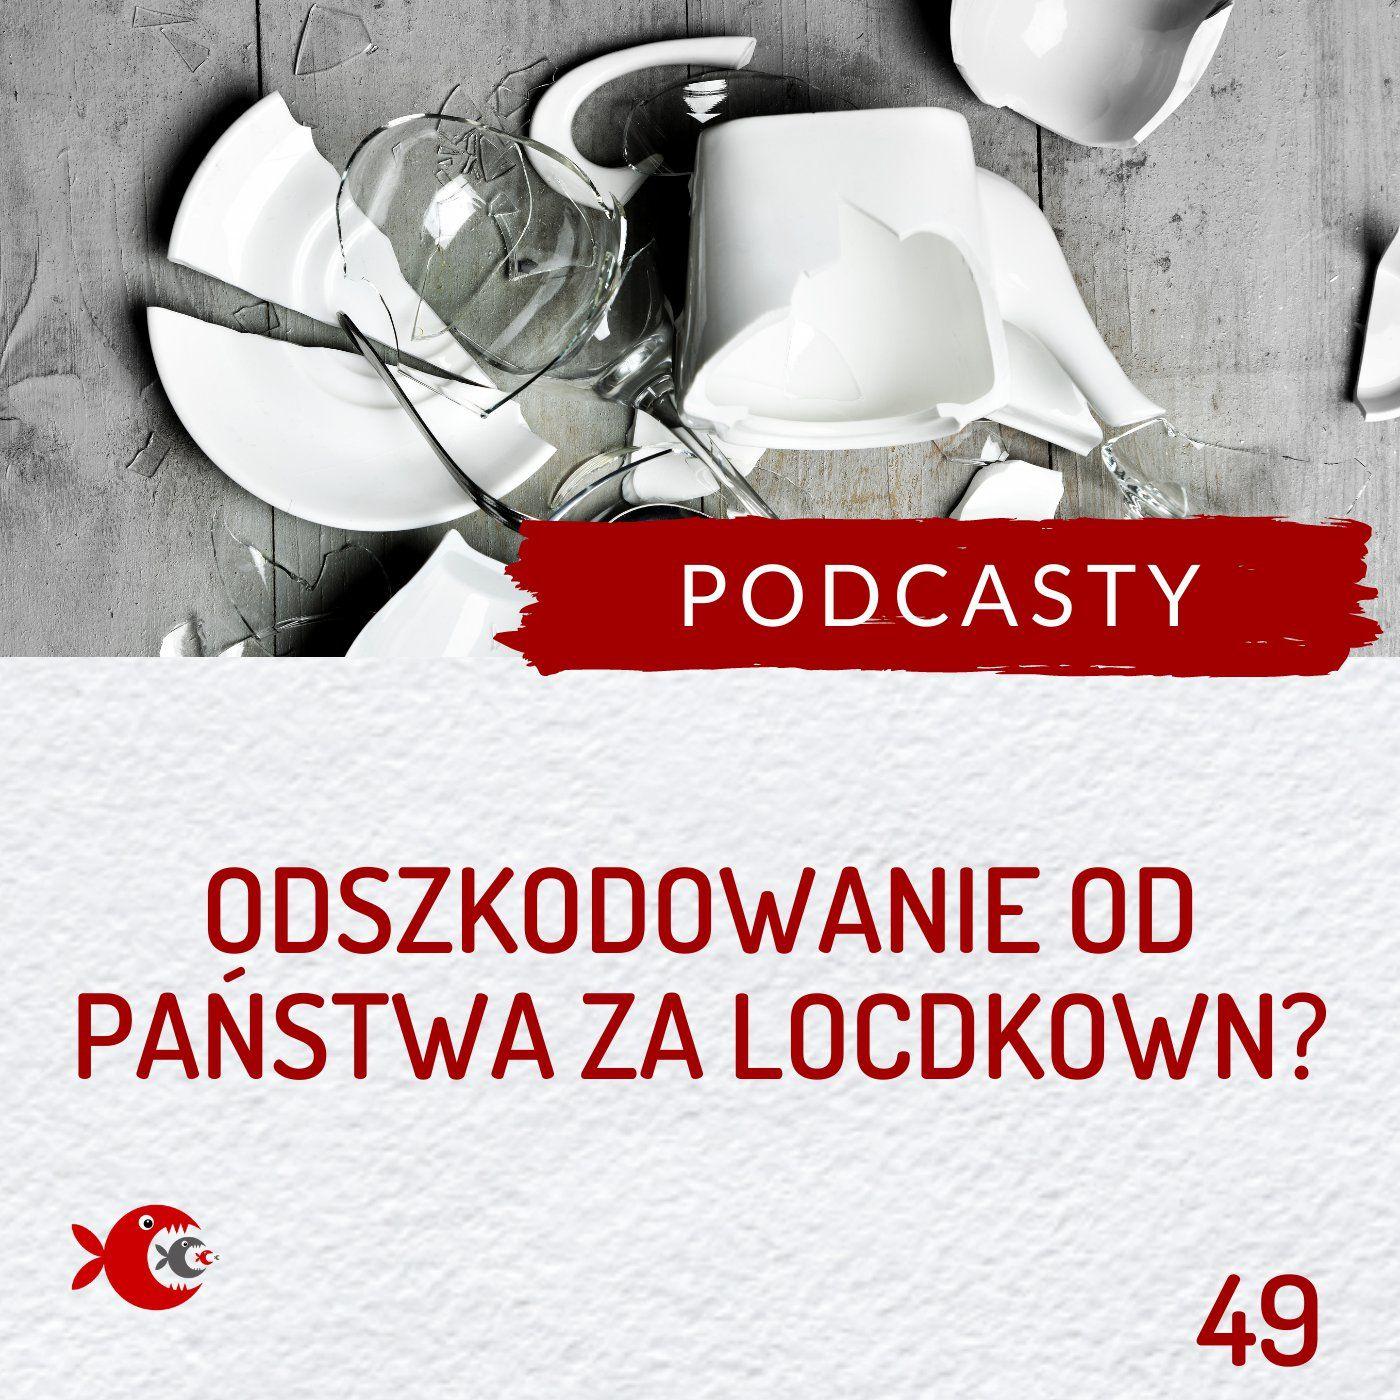 49 Odszkodowanie dla firmy od Skarbu Państwa za lockdown - co warto wiedzieć?